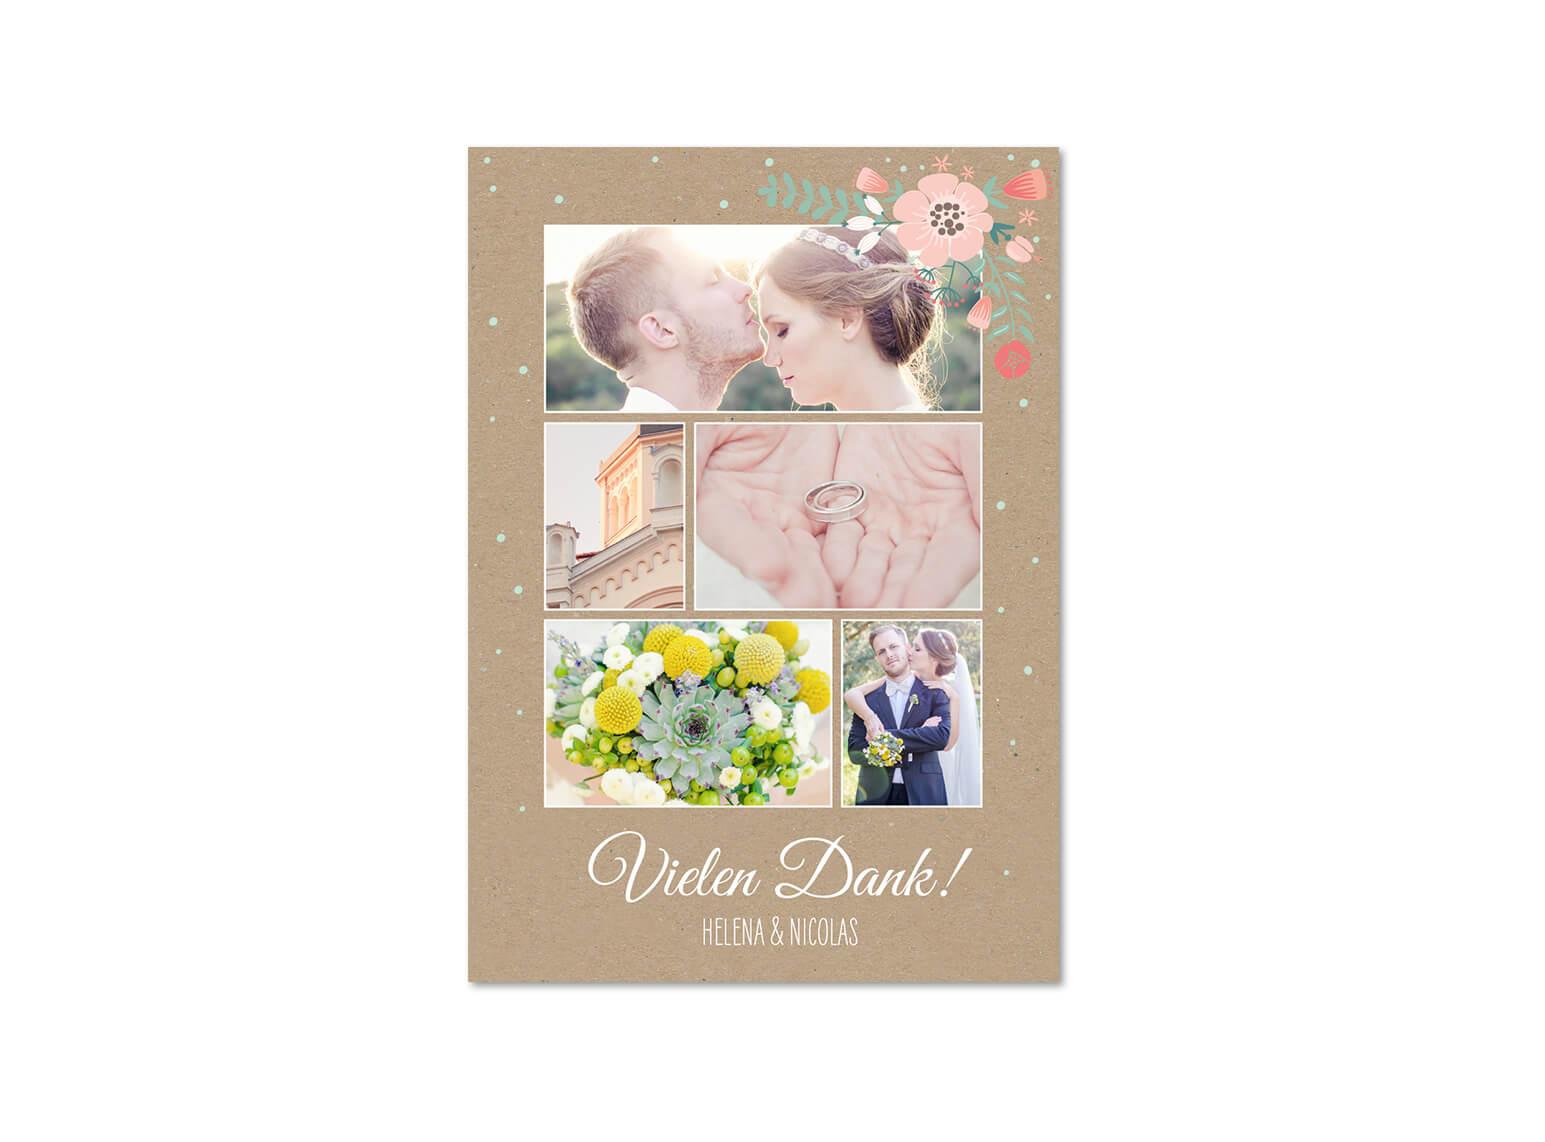 Dankeskarte Hochzeit mit Fotos